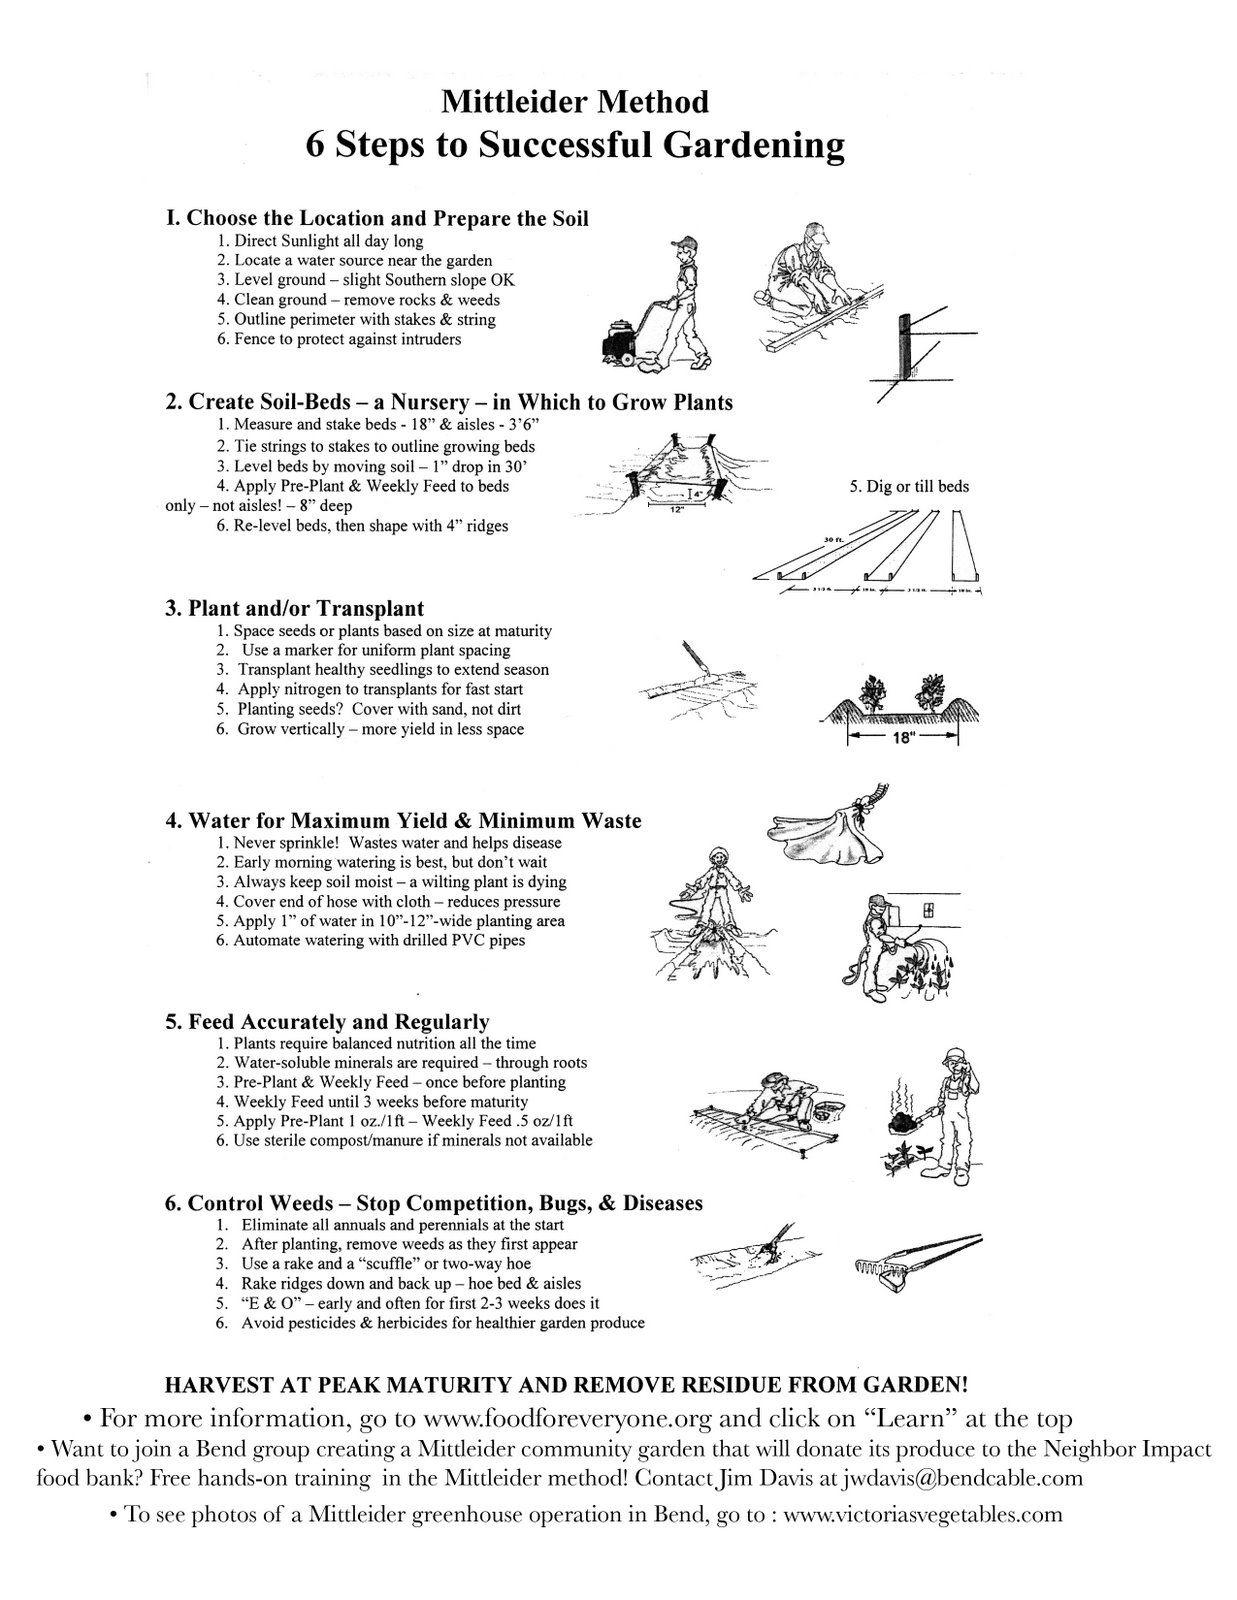 Be Prepared Mittleider Method 6 Steps Handout Mittleider Gardening Gardening Courses Garden Planning